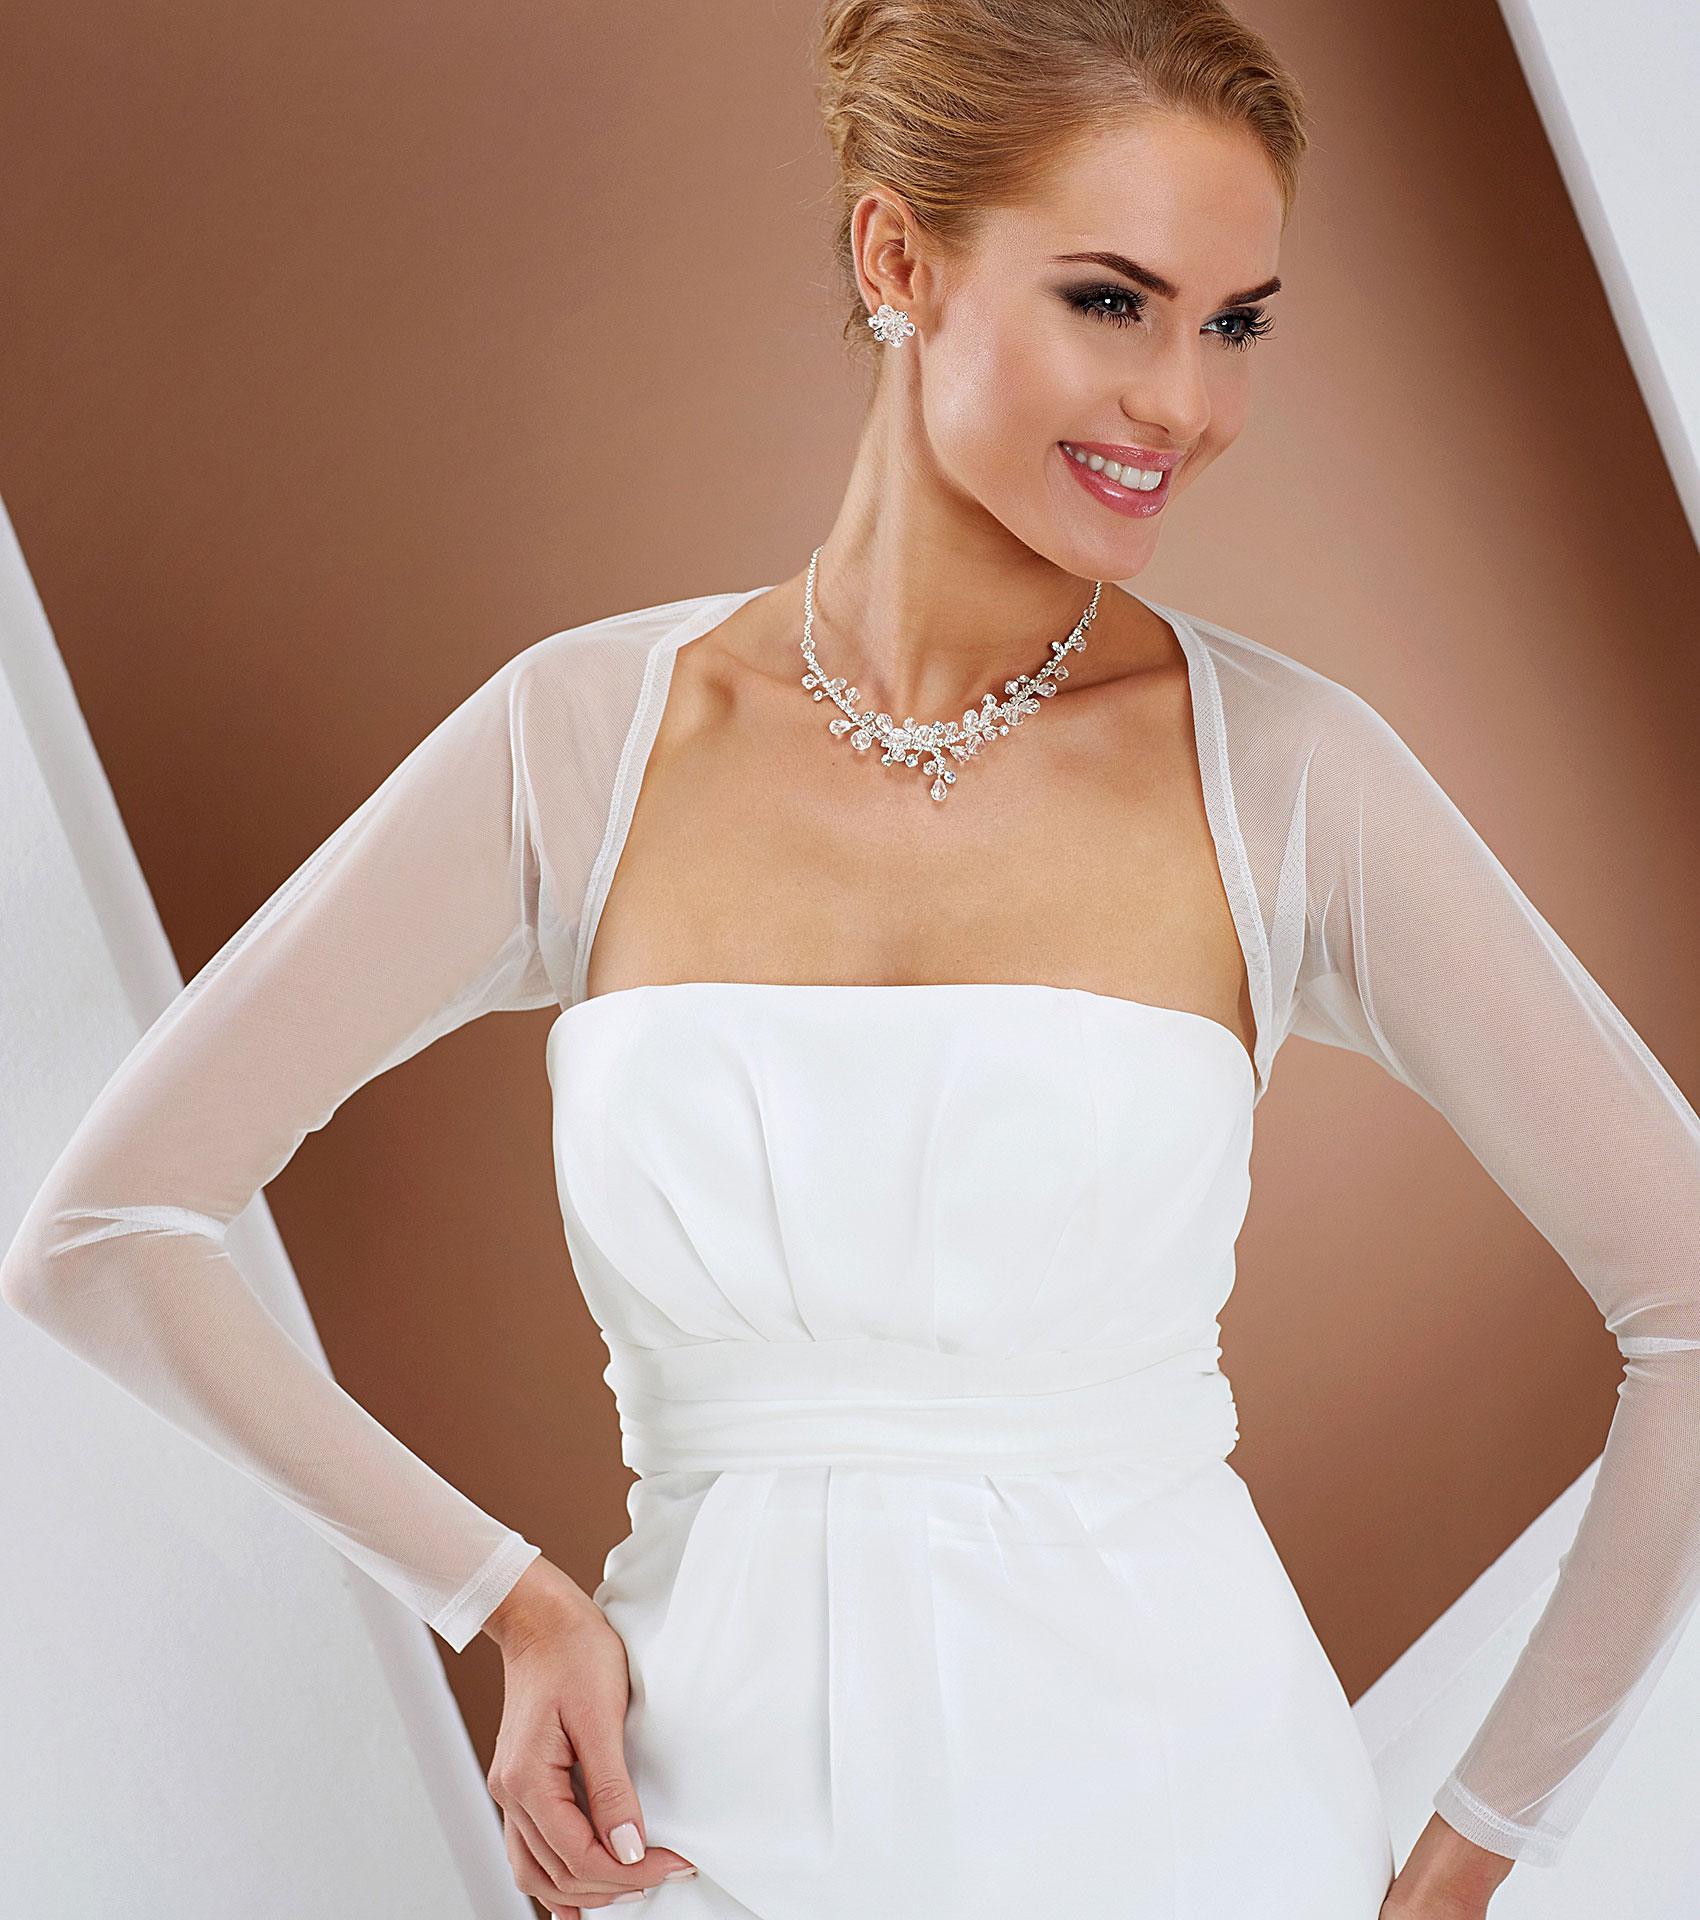 Bianco Evento - E116 White, Ivory Ár: 8.900 Ft